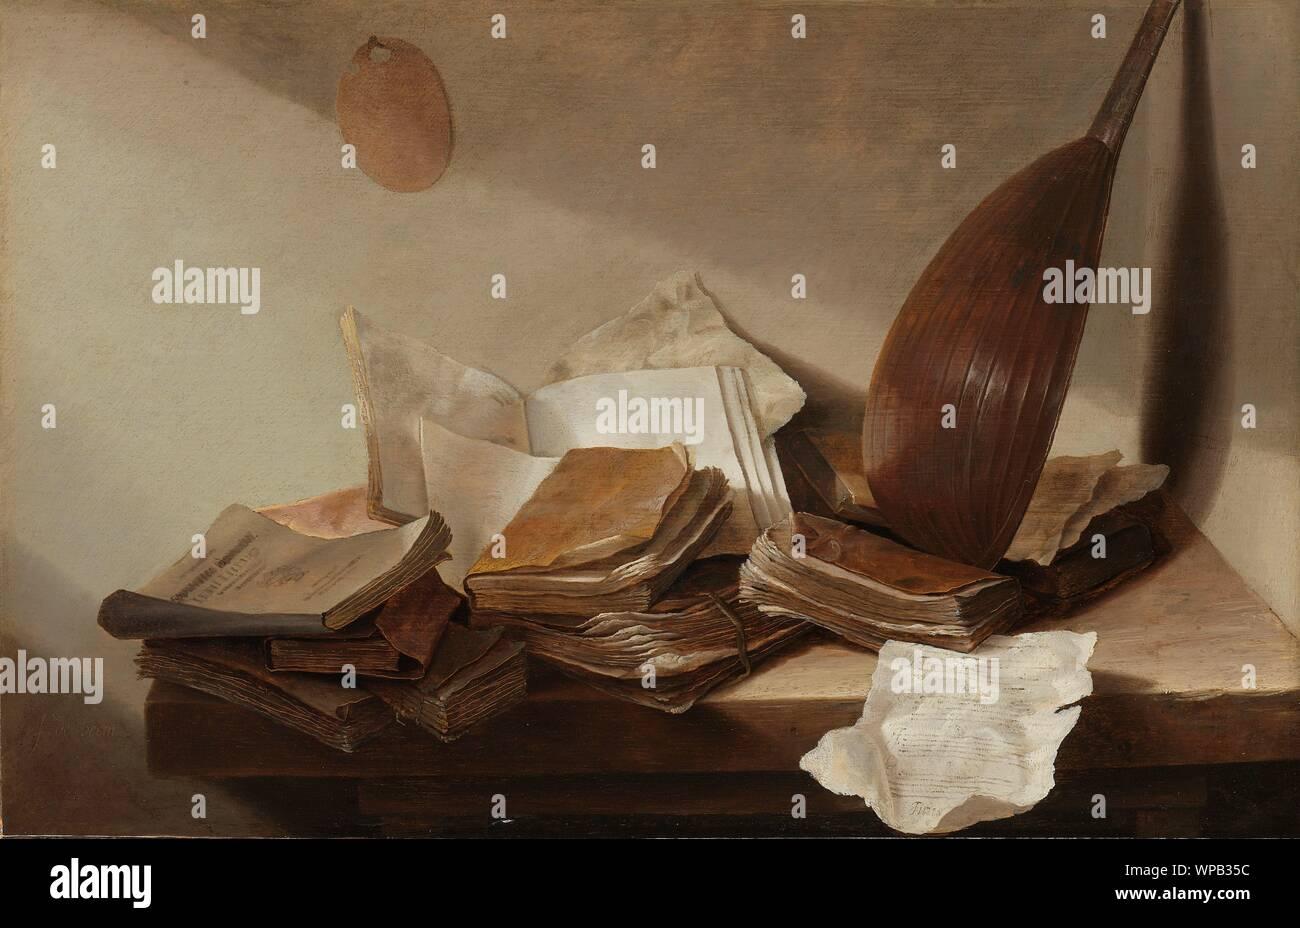 Natura morta con libri, Jan Davidsz de Heem, 1625 - 1630.jpg - WPB35C Foto Stock